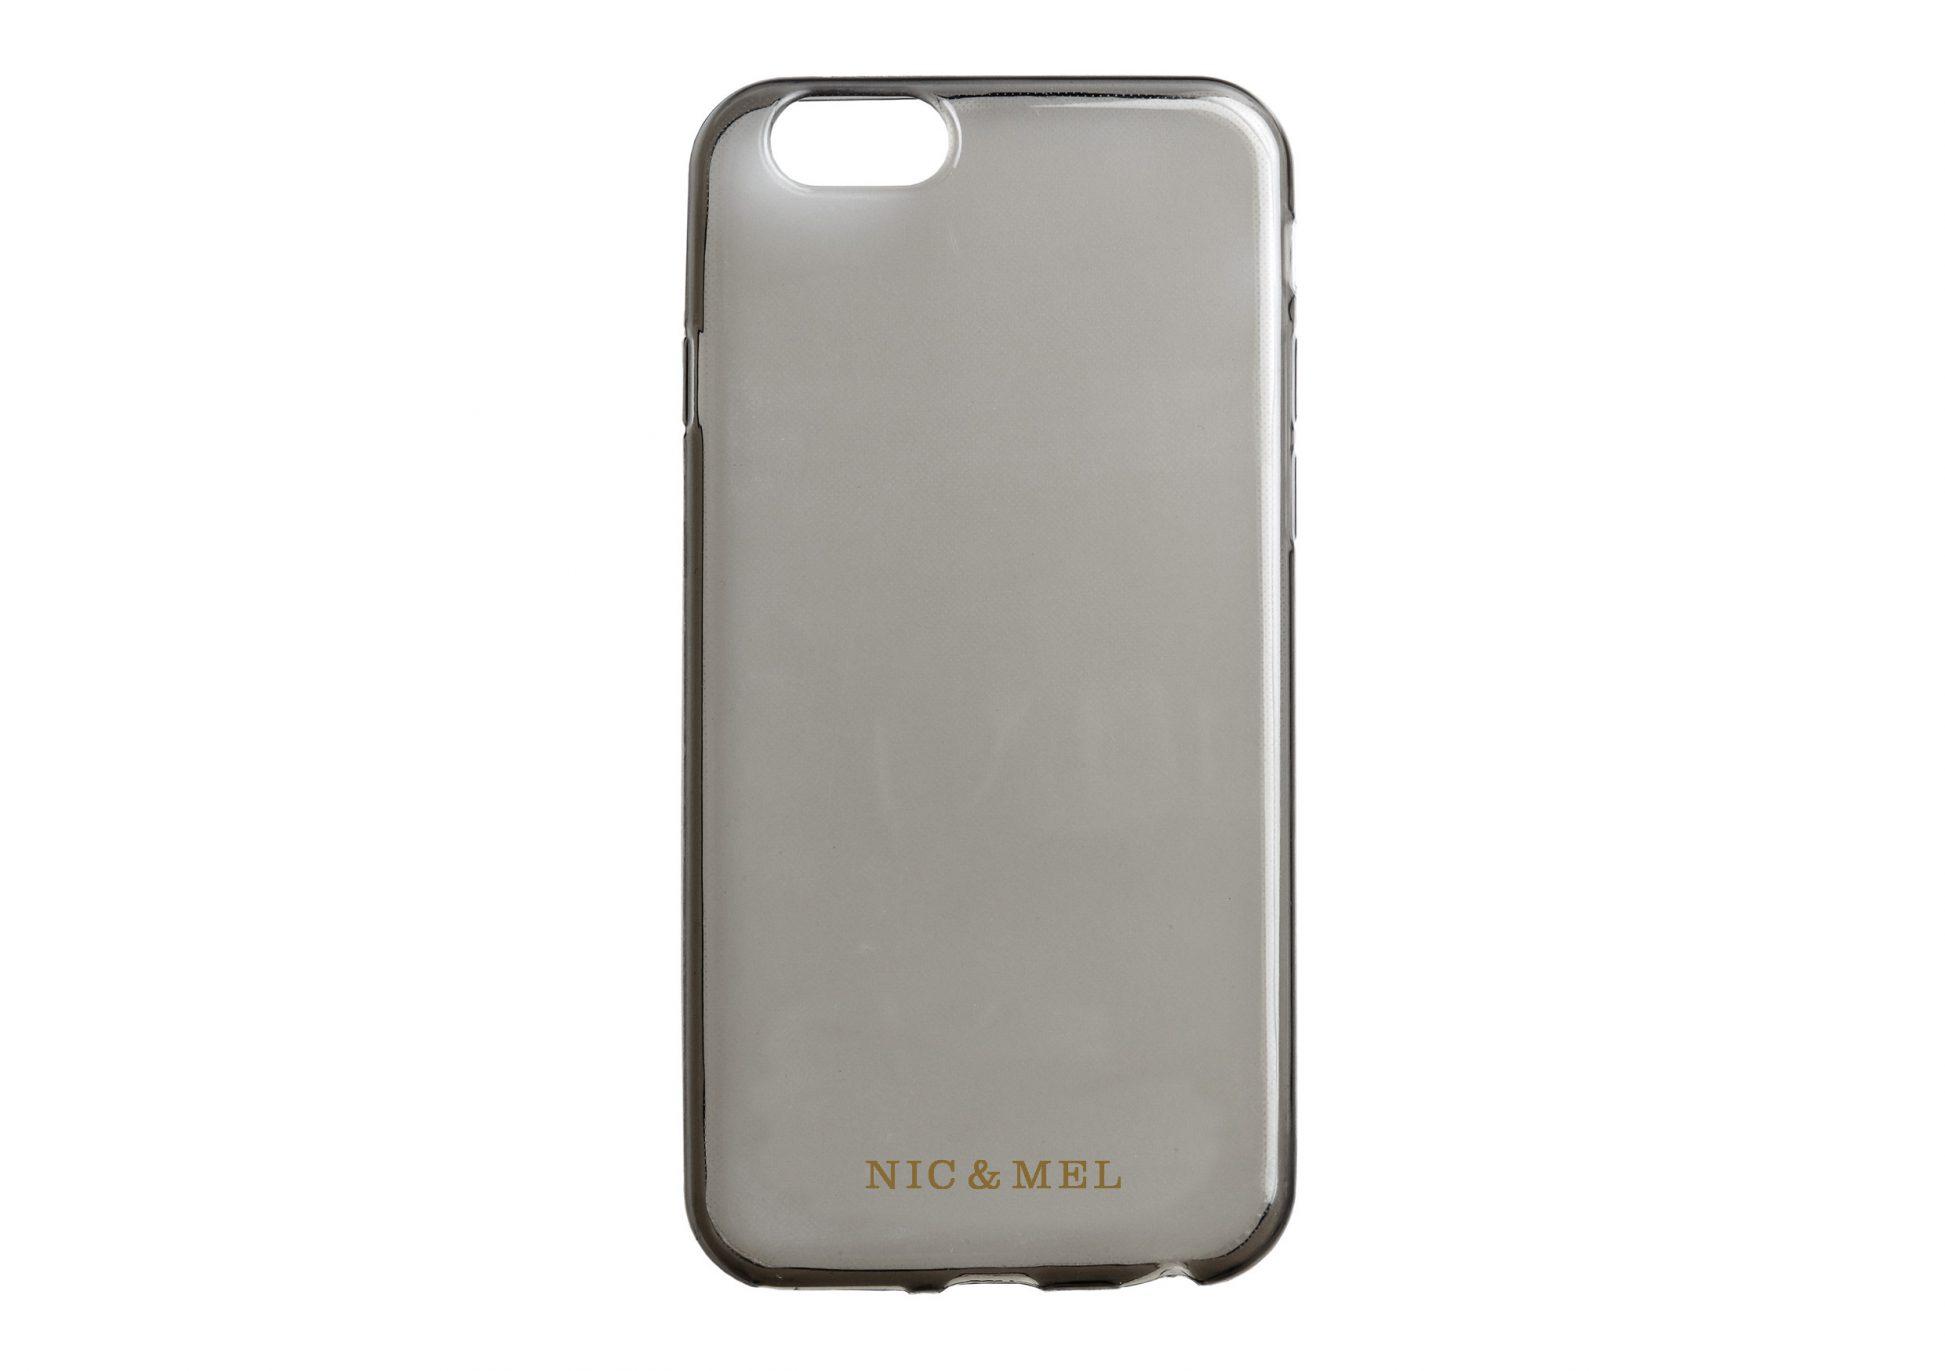 EDDIE SOFT CASE <br>Light Grey <br>iPhone 6/6S